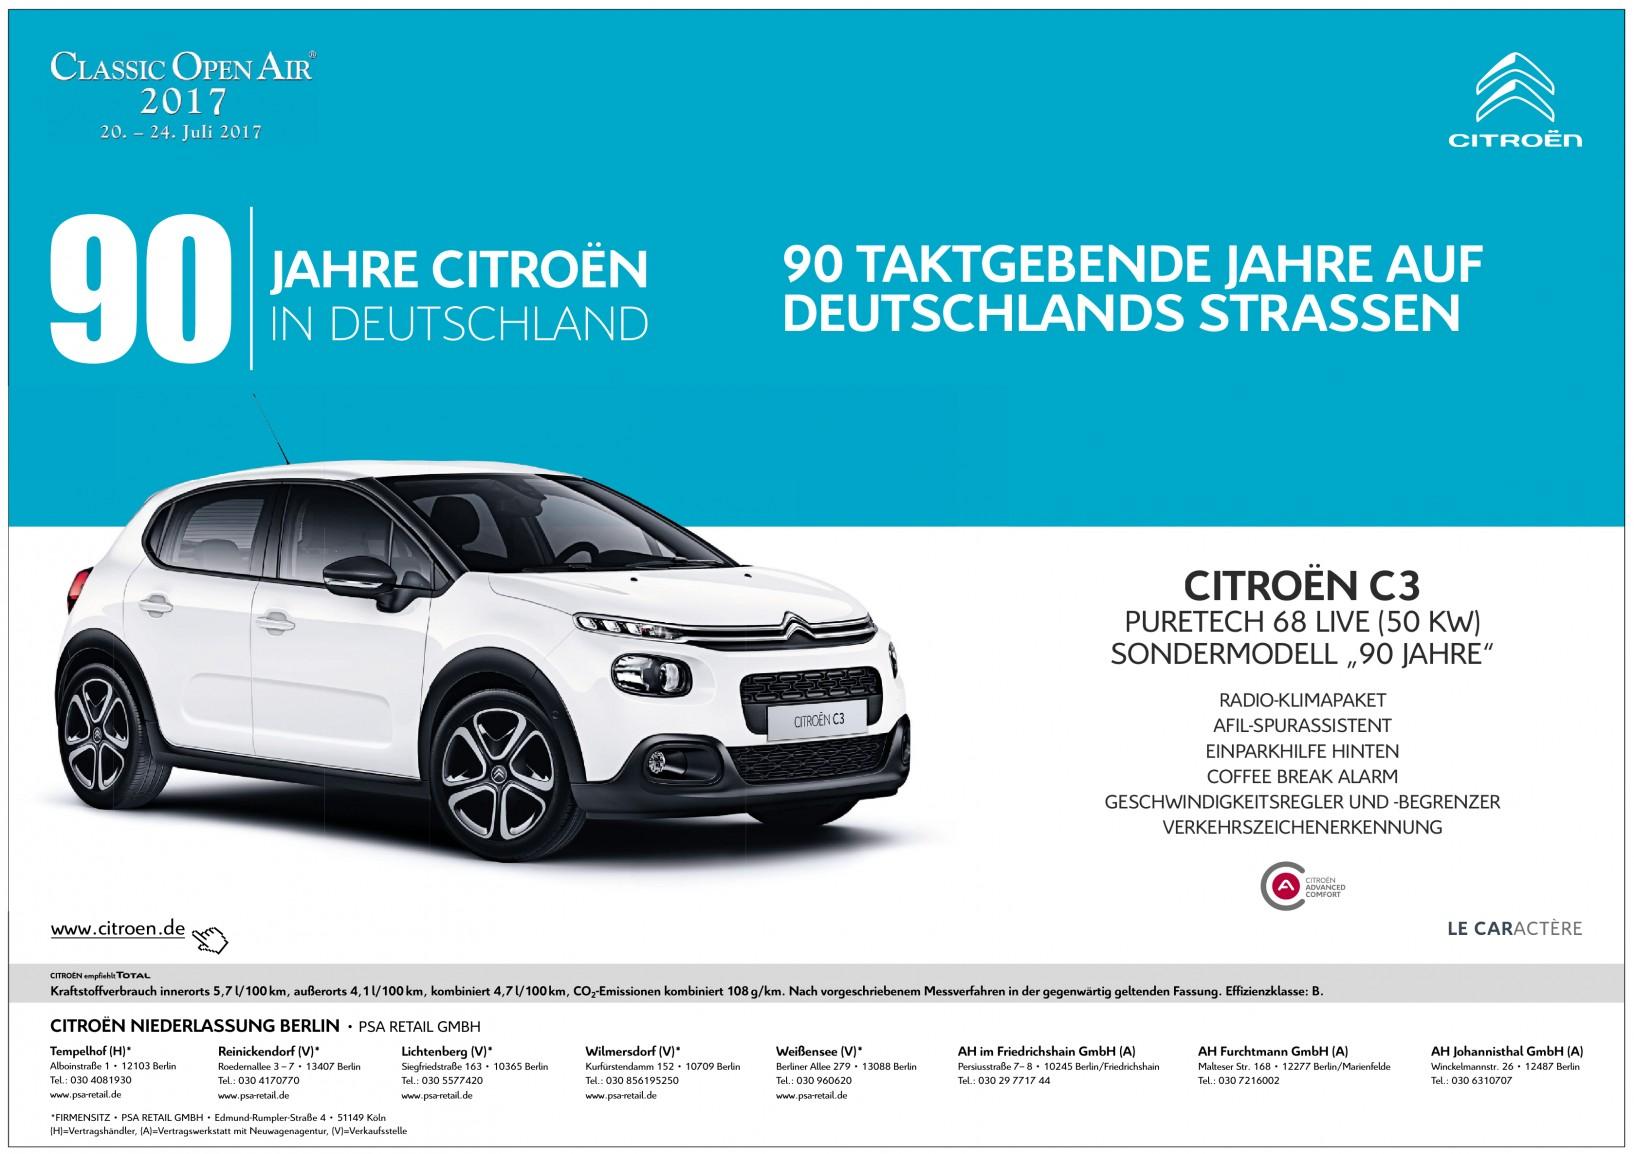 Citroen Niederlasung Berlin - AH Johannisthal GmbH (A)